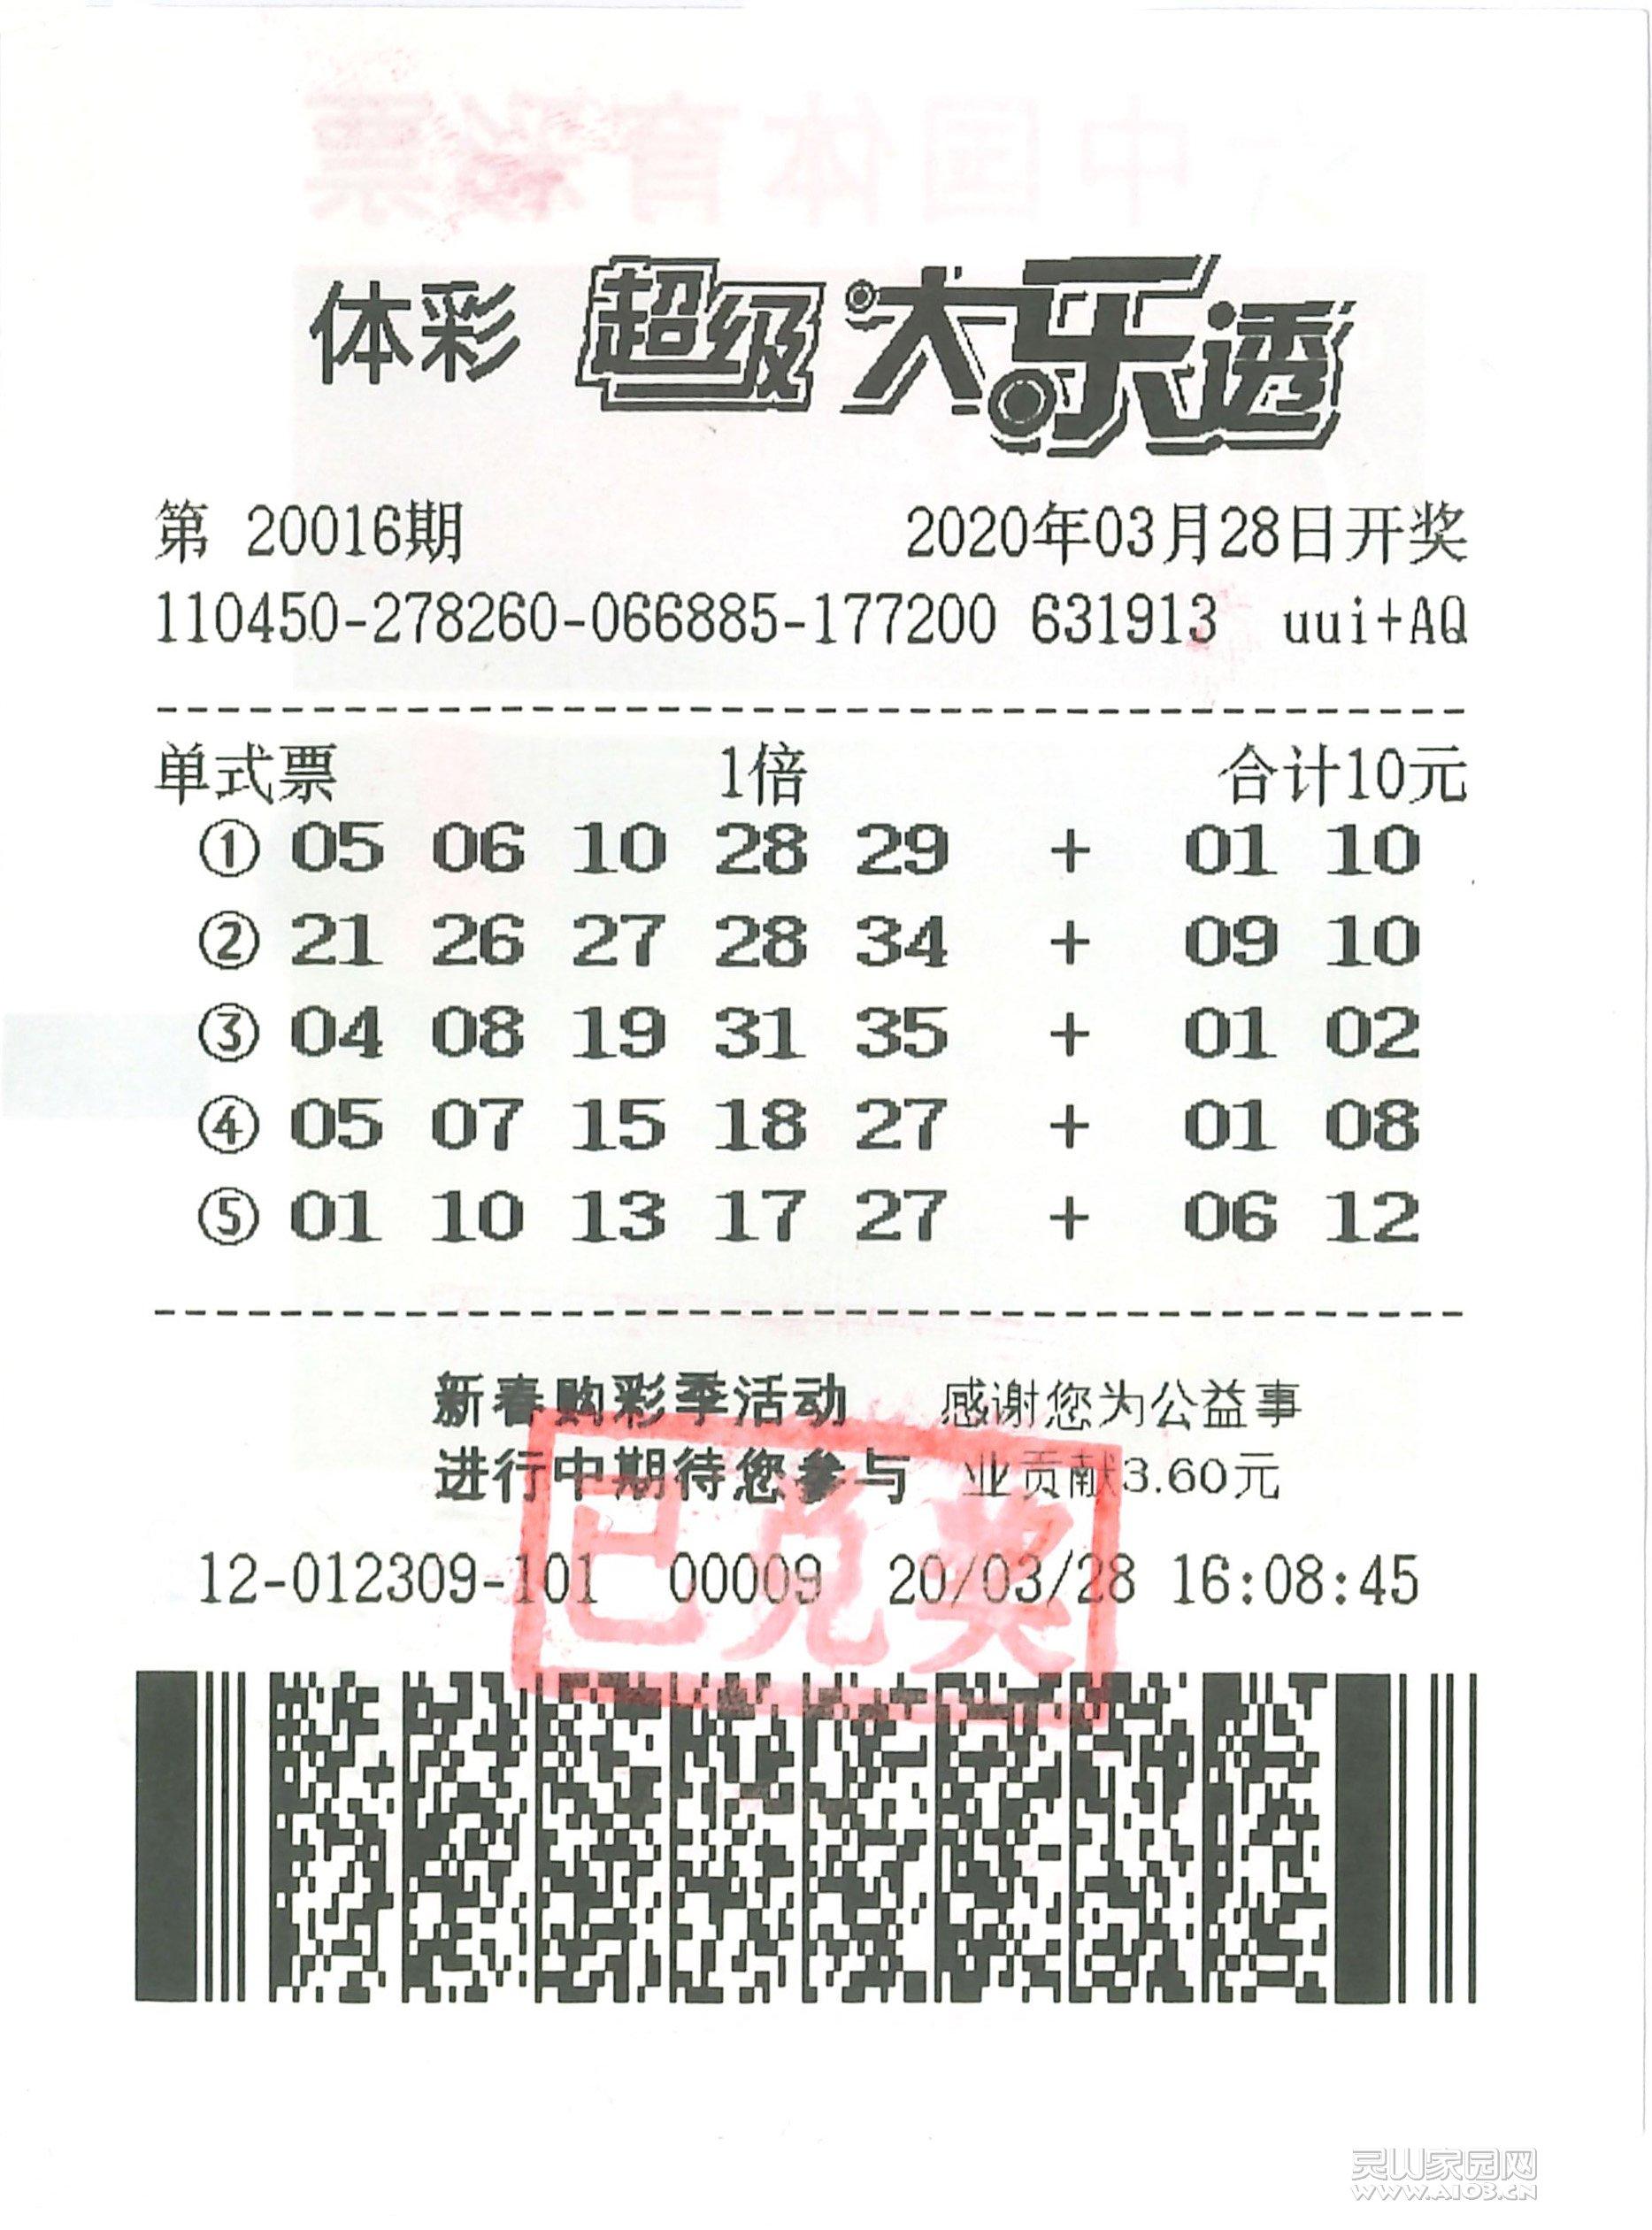 2020.03.28百色大乐透一等奖1000万元.jpg